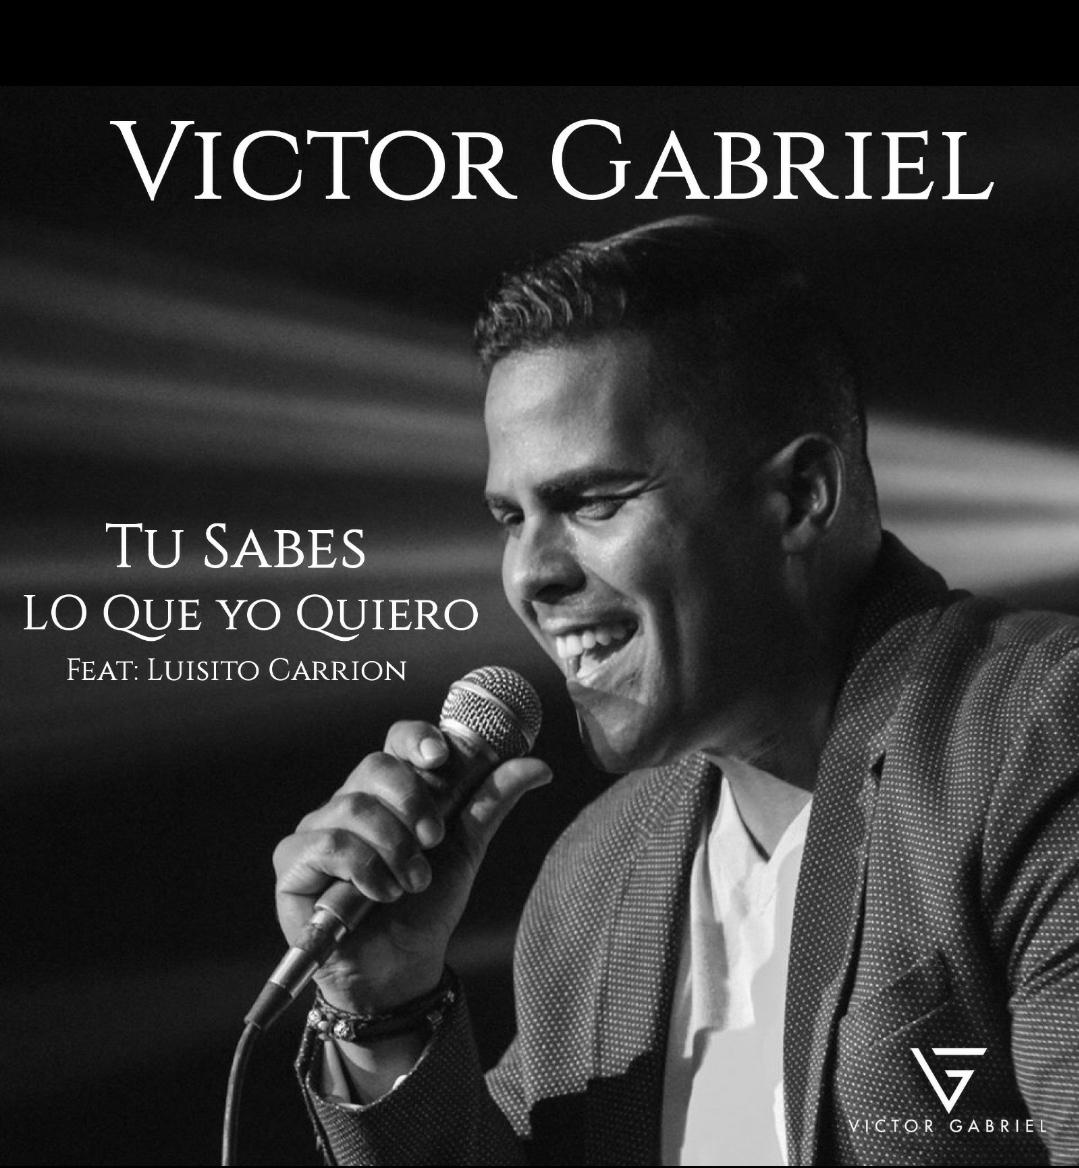 TÚ SABES LO QUE YO QUIERO – Víctor Gabriel feat Luisito Carrión